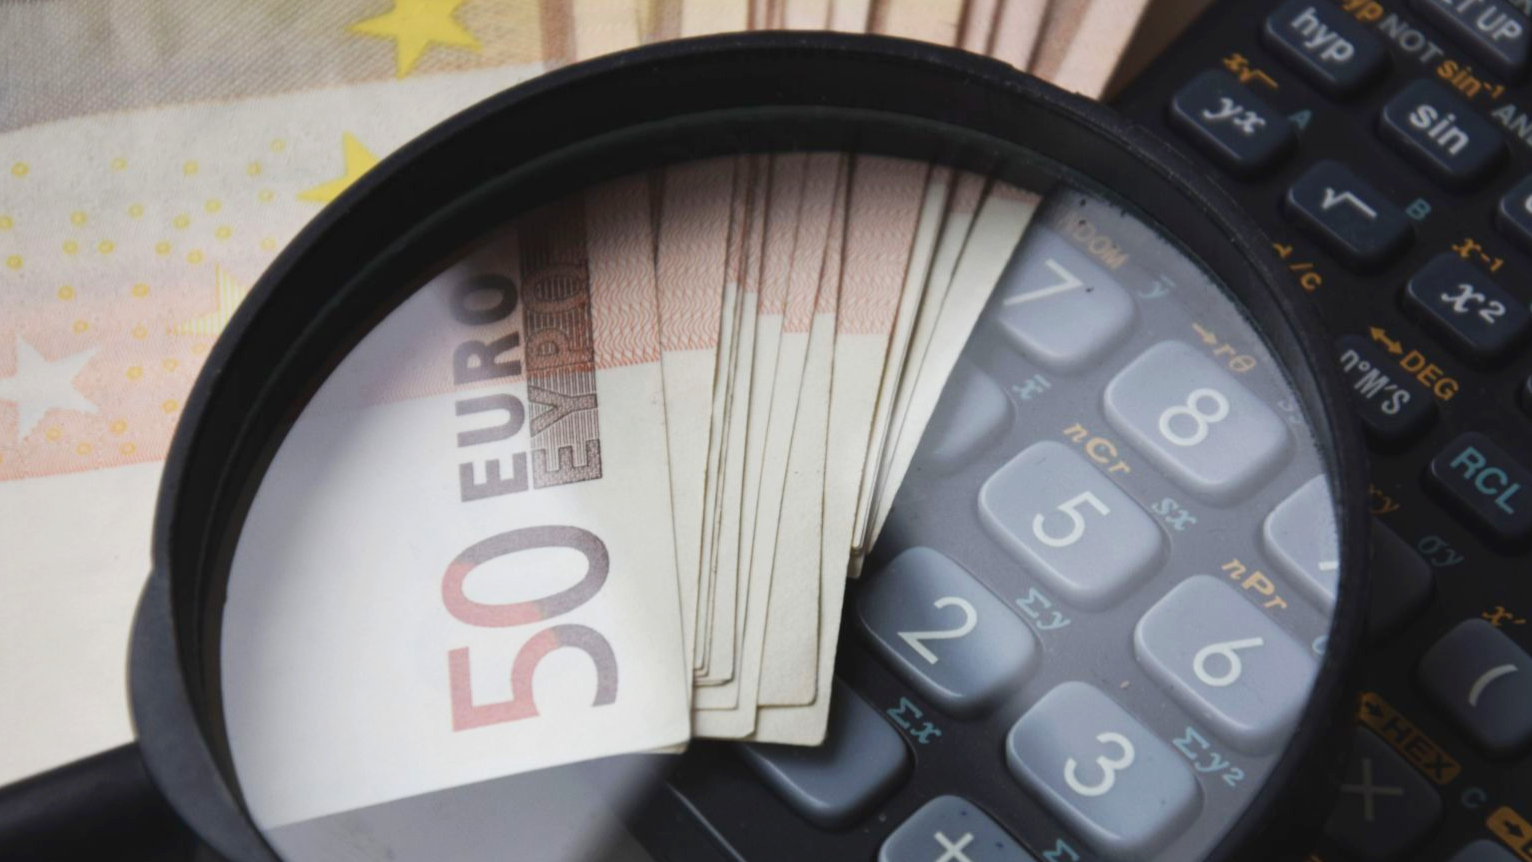 Depósitos complexos vão ter nova ficha pré-contratual em 2018